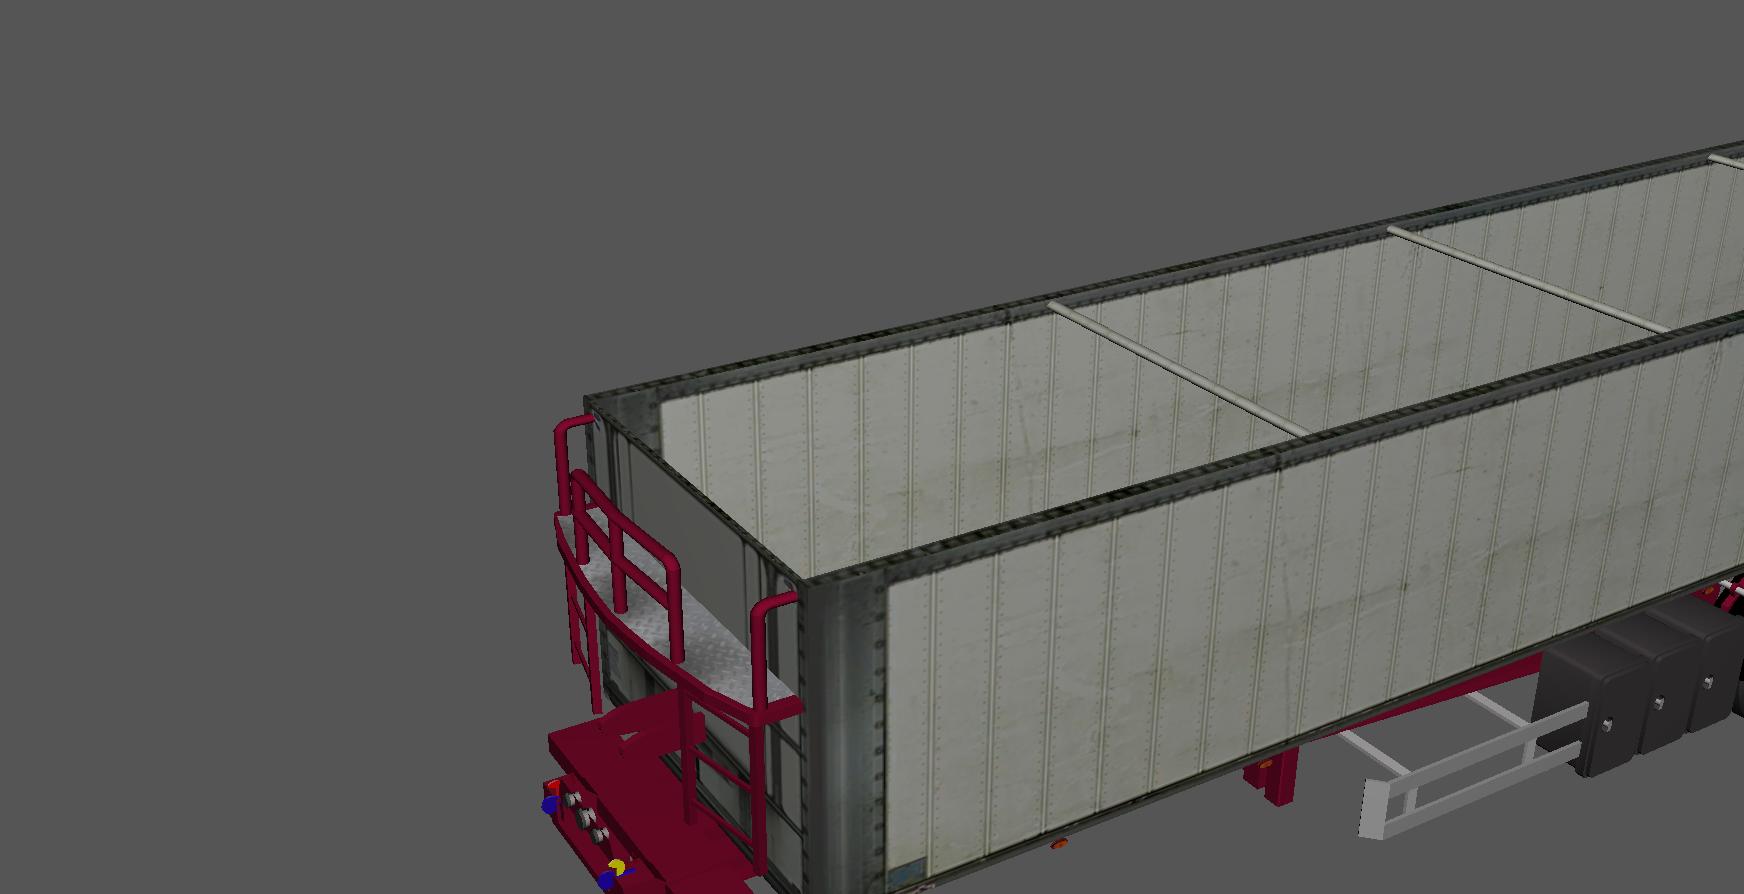 [T.E.P.] Semitrailer  1ebu0v